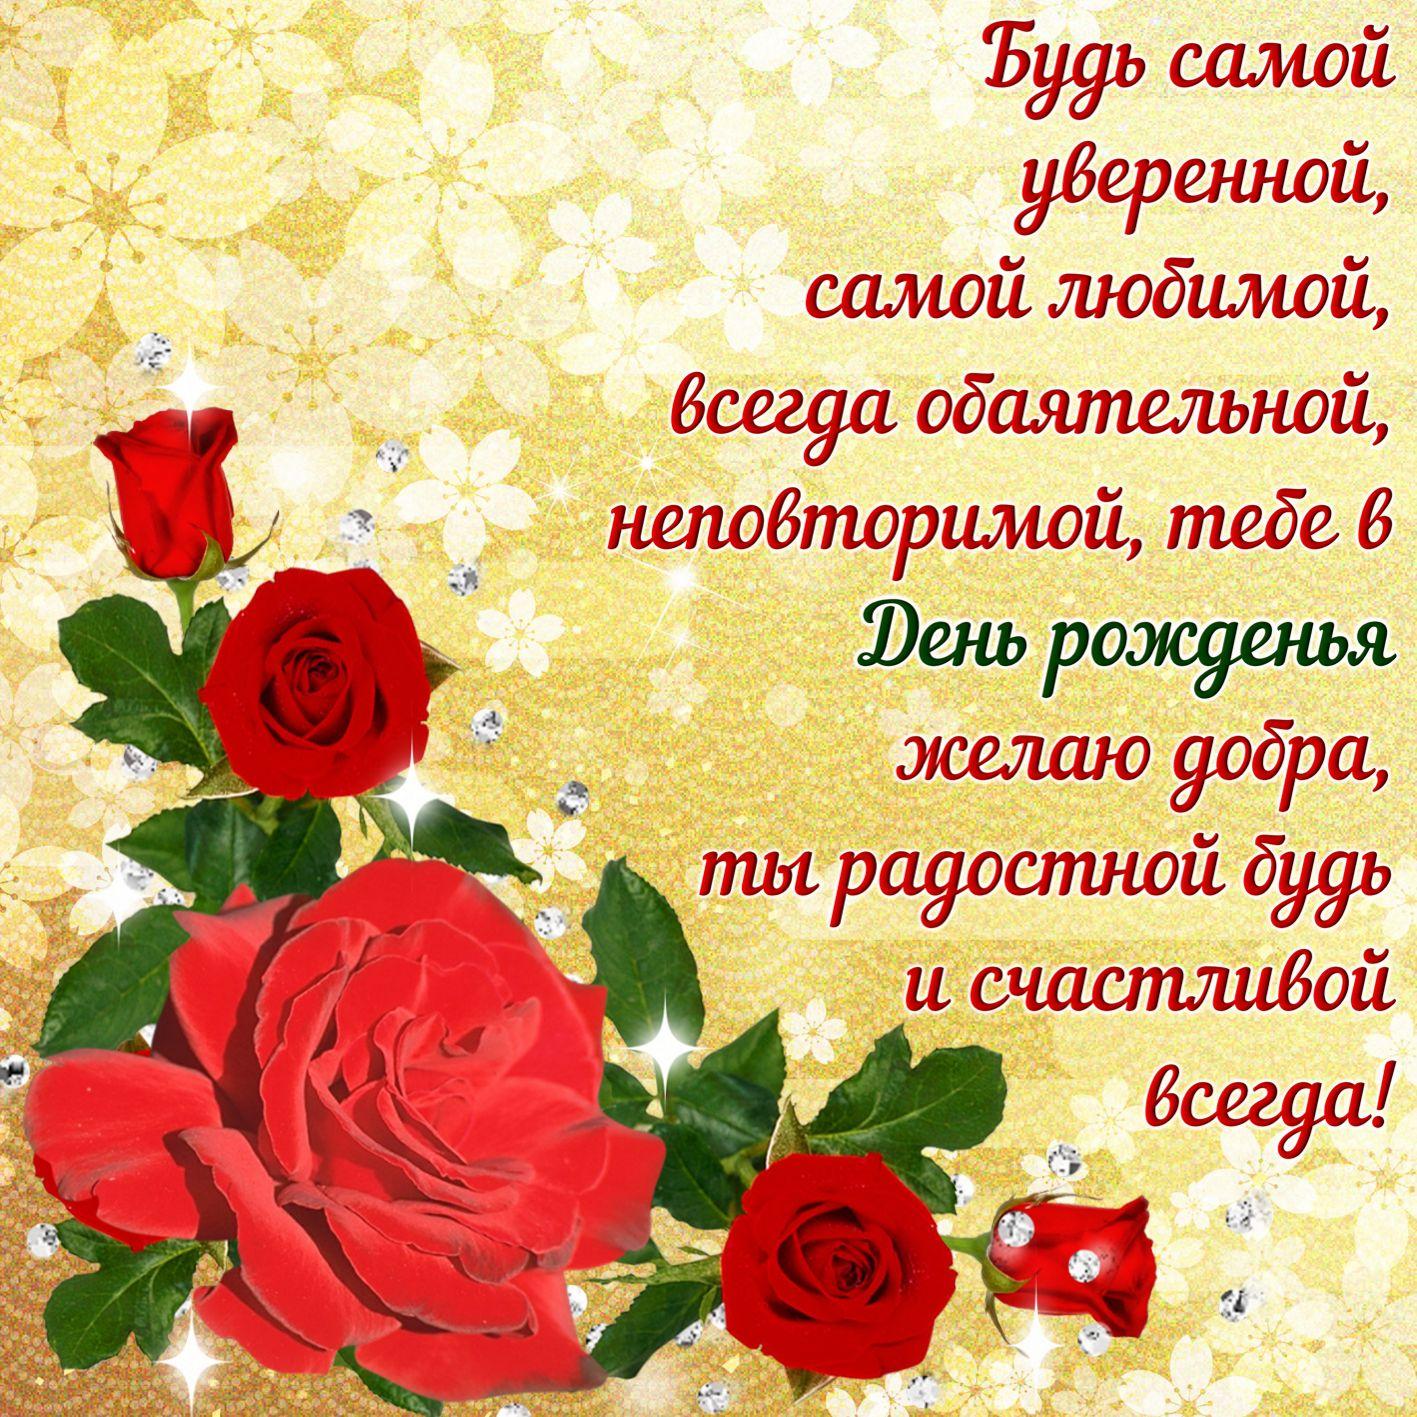 Открытки днем, поздравления с днем рождения с картинками в стихах красивые